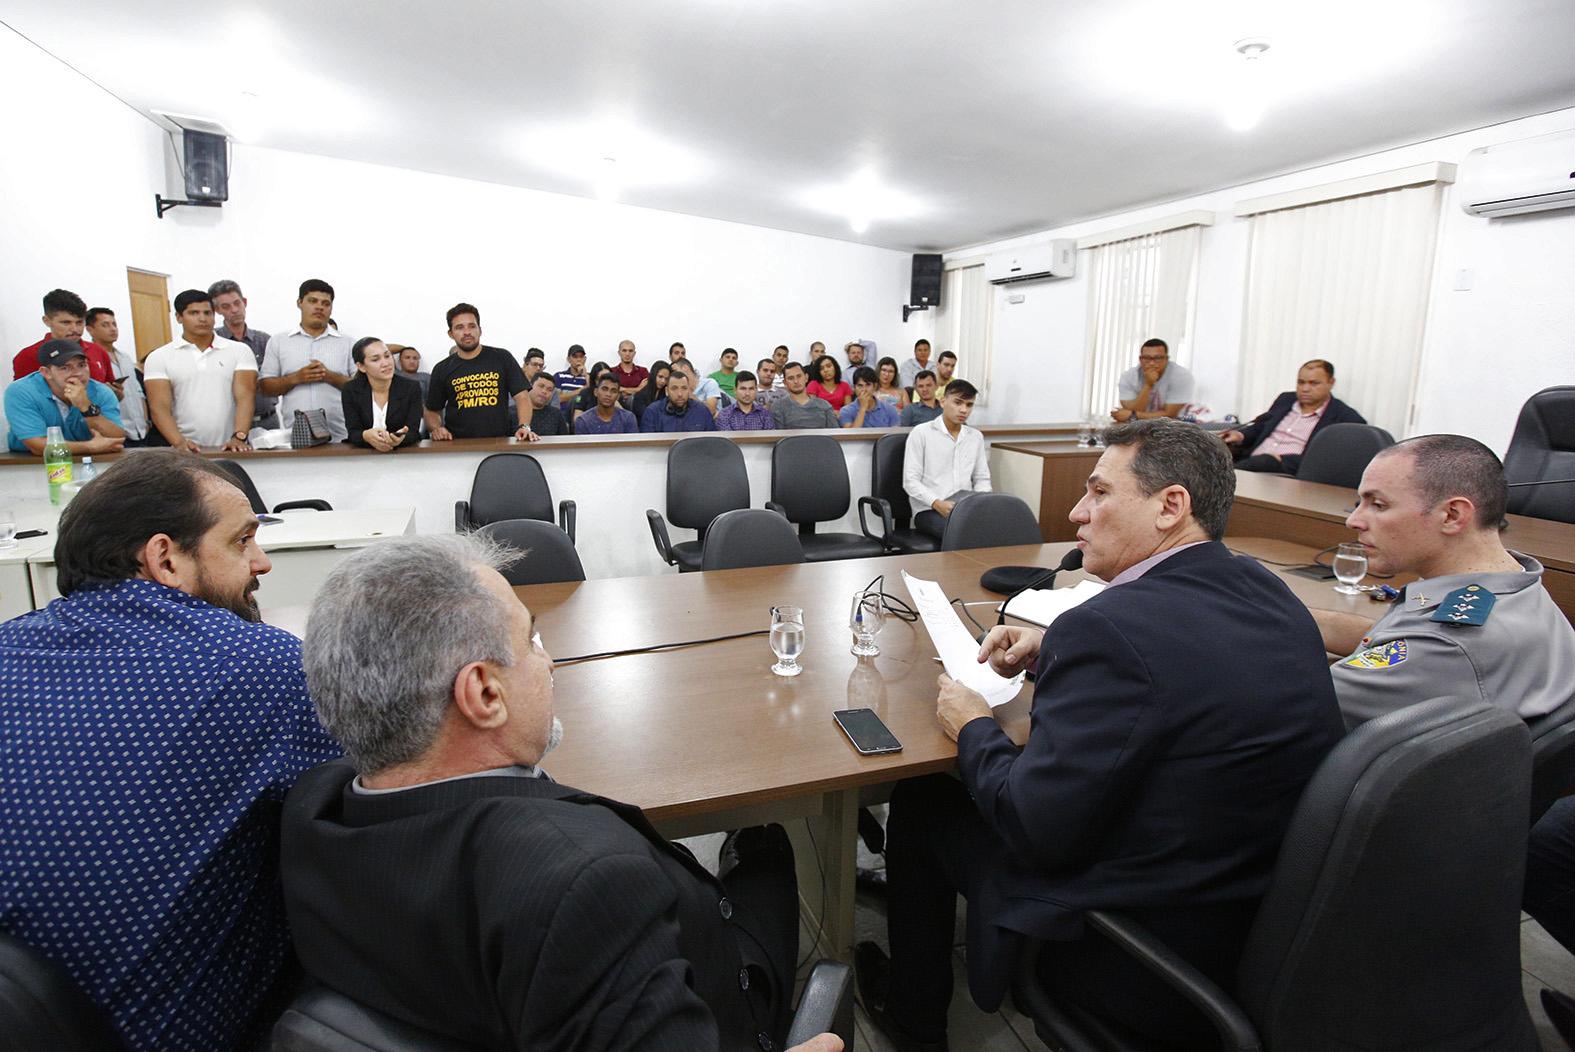 Assembleia destinará mais R$ 1,2 milhão para curso de formação de remanescentes de concursoAssembleia destinará mais R$ 1,2 milhão para curso de formação de remanescentes de concurso